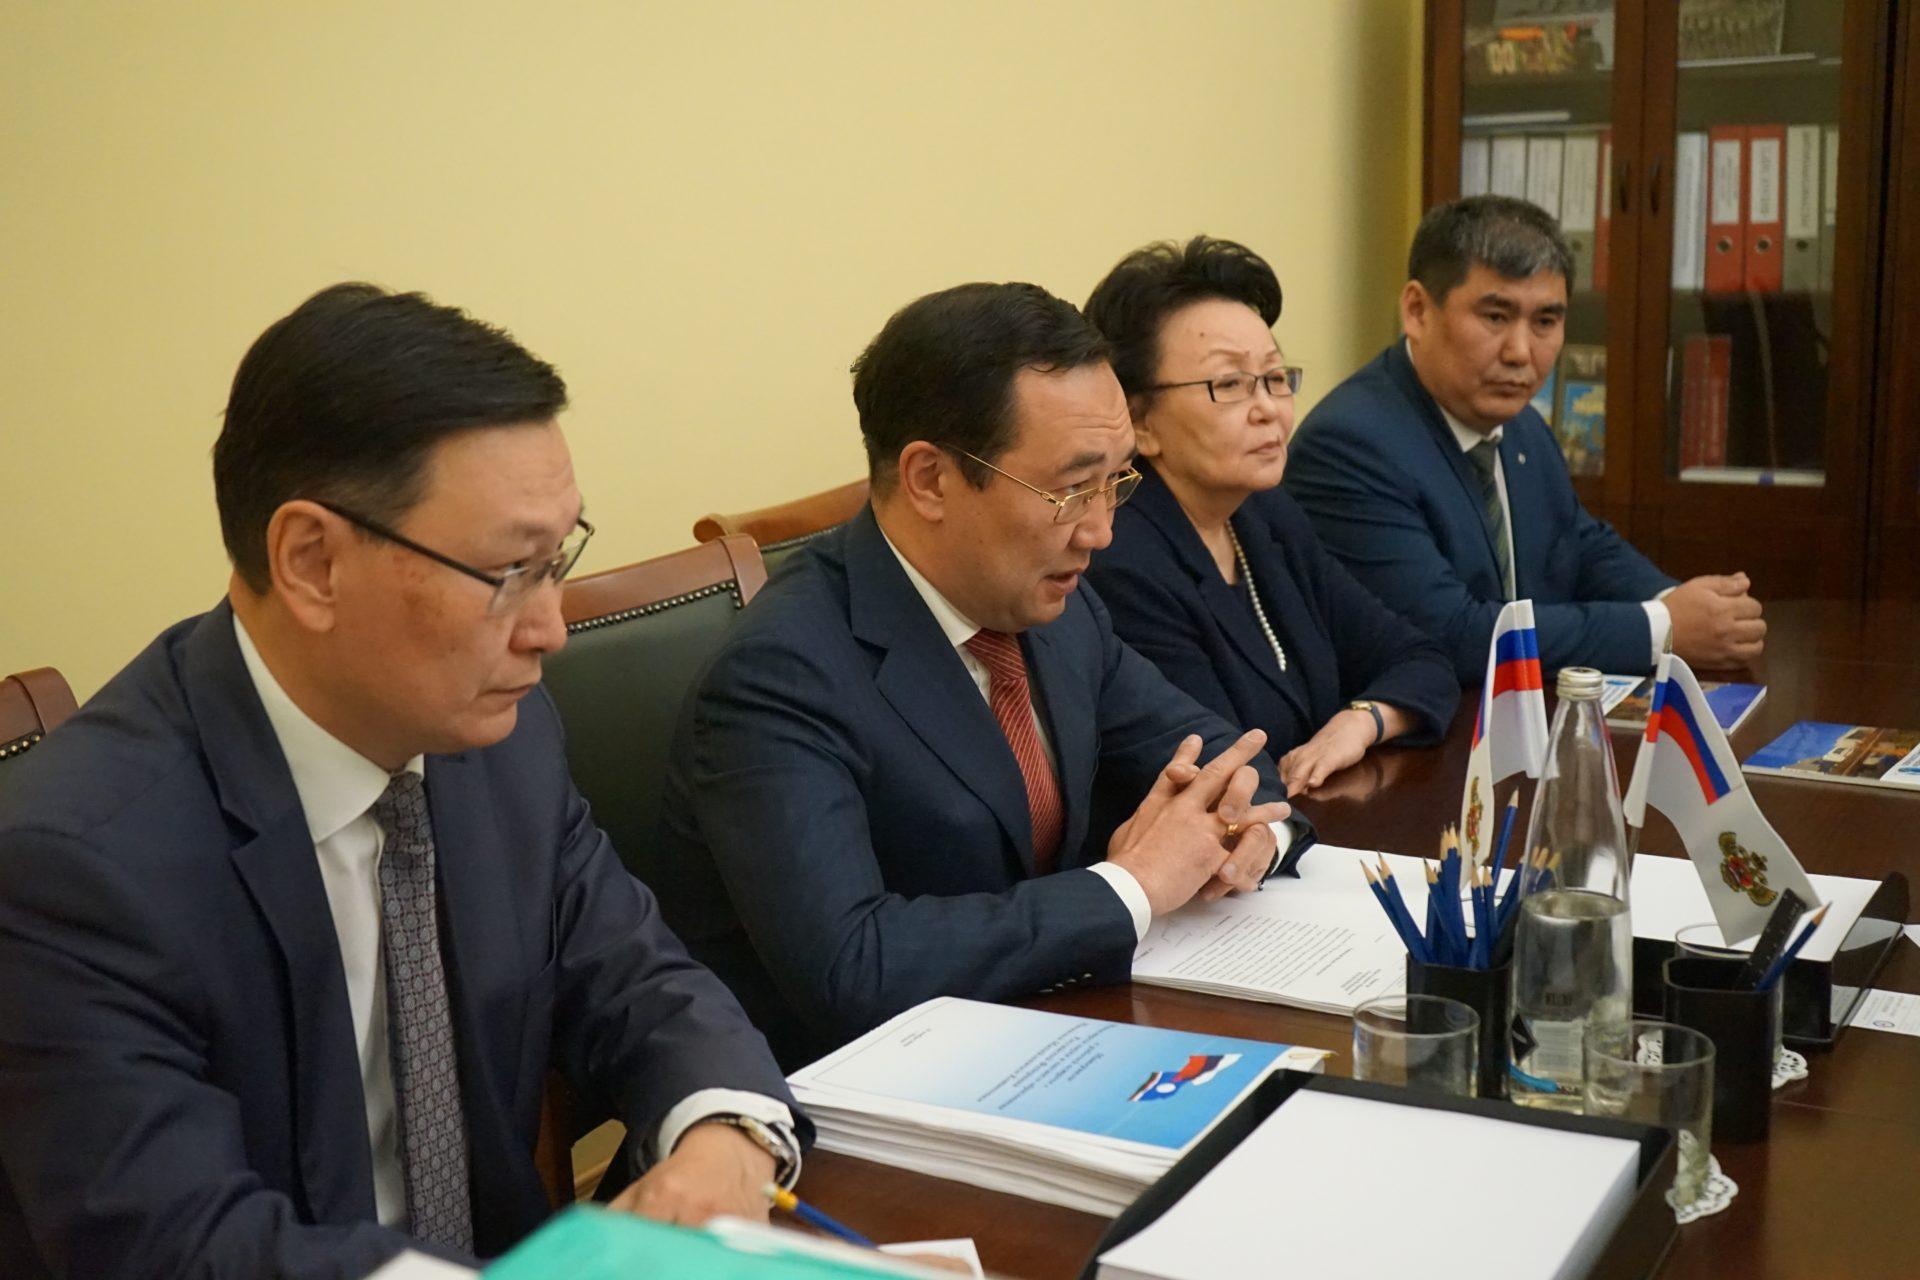 Айсен Николаев встретился с министром науки и высшего образования РФ Михаилом Котюковым